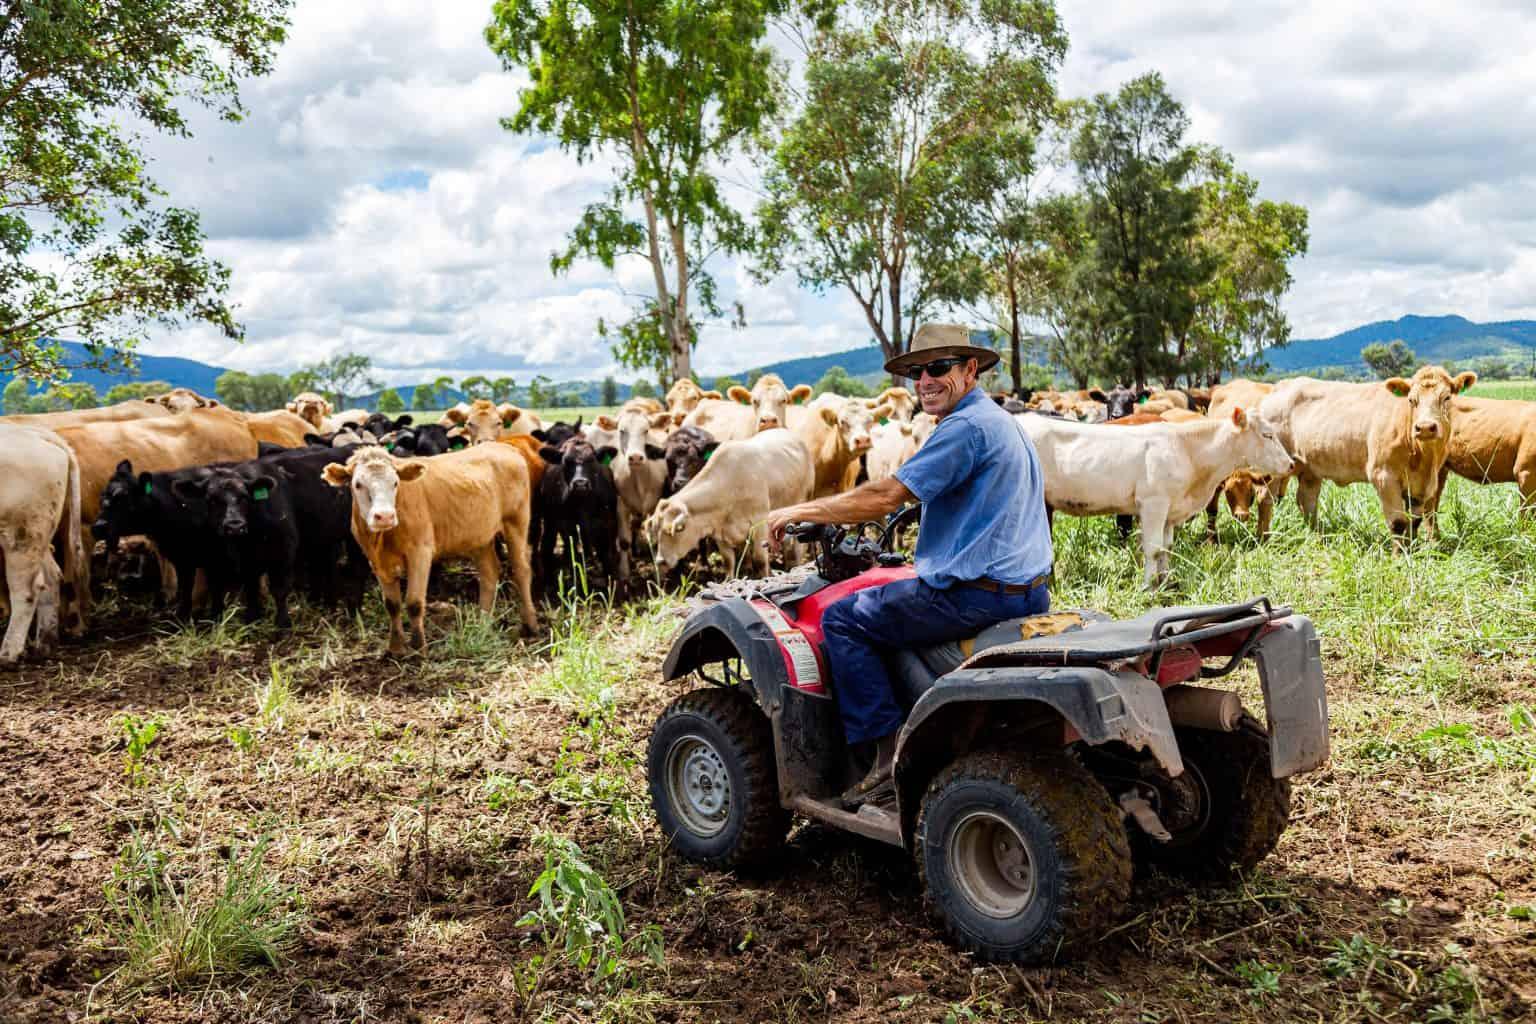 Aussie Farmer on an ATV